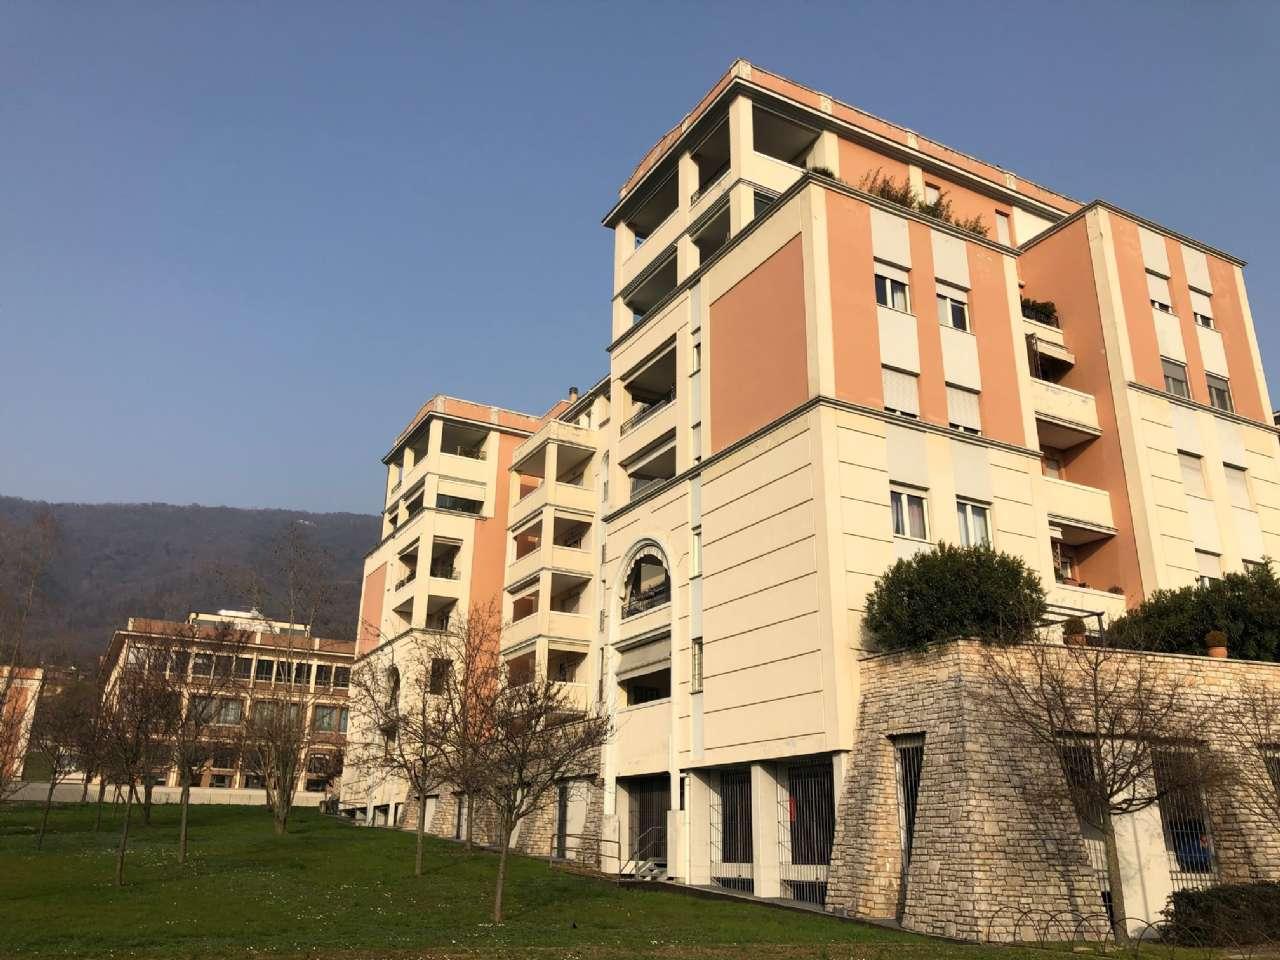 Attico / Mansarda in vendita a Brescia, 4 locali, prezzo € 450.000 | PortaleAgenzieImmobiliari.it